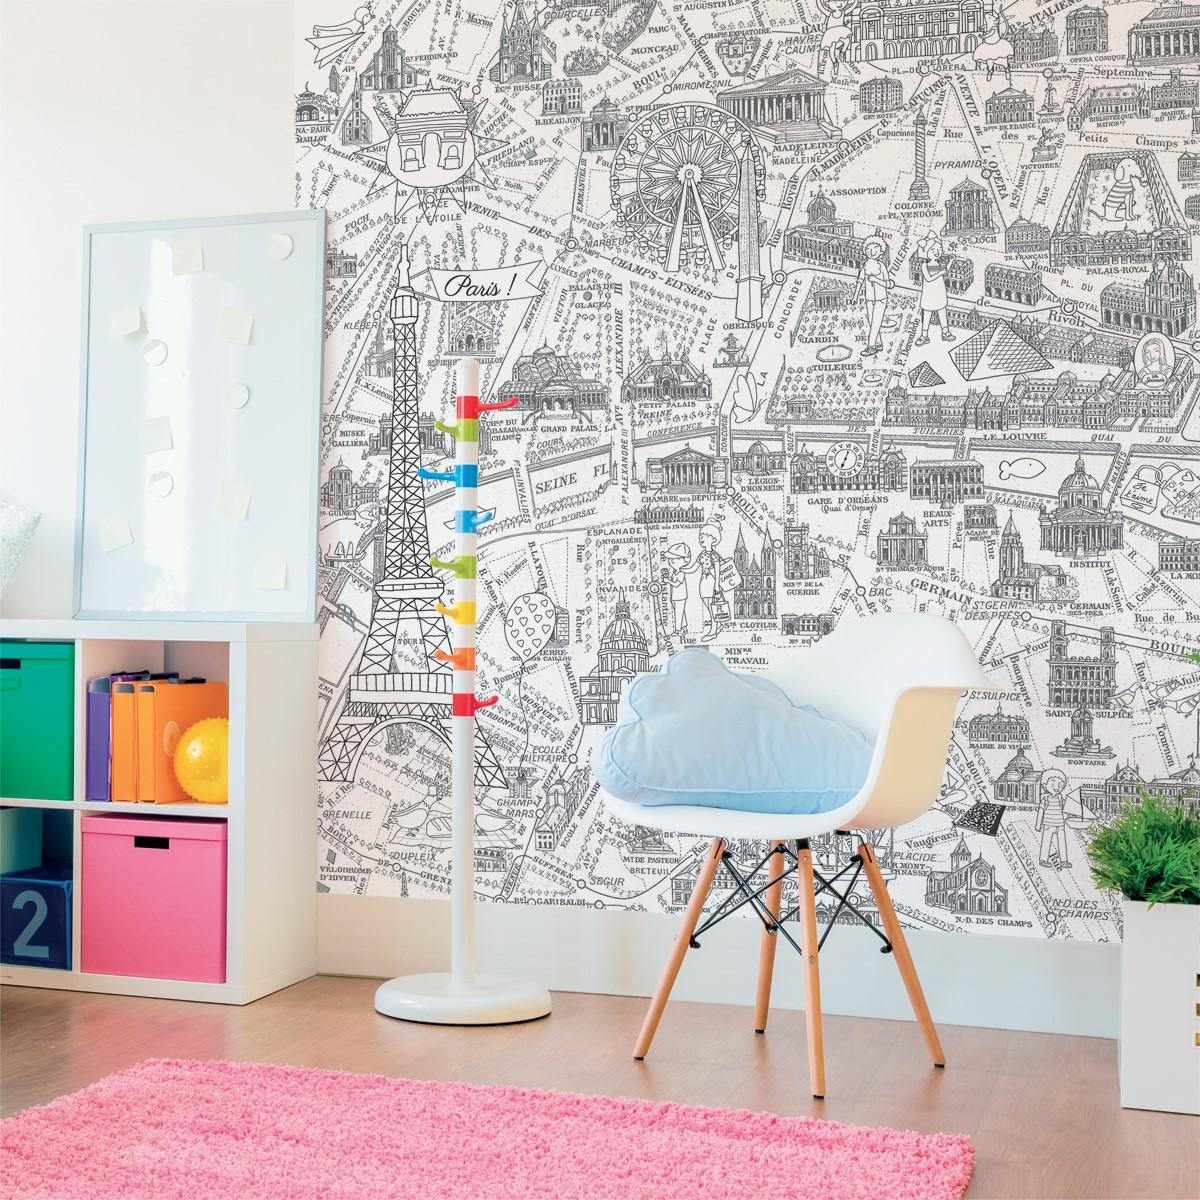 Papier peint panoramique enfant 143182 plan de paris monumentale colorier - Papier peint a colorier ...